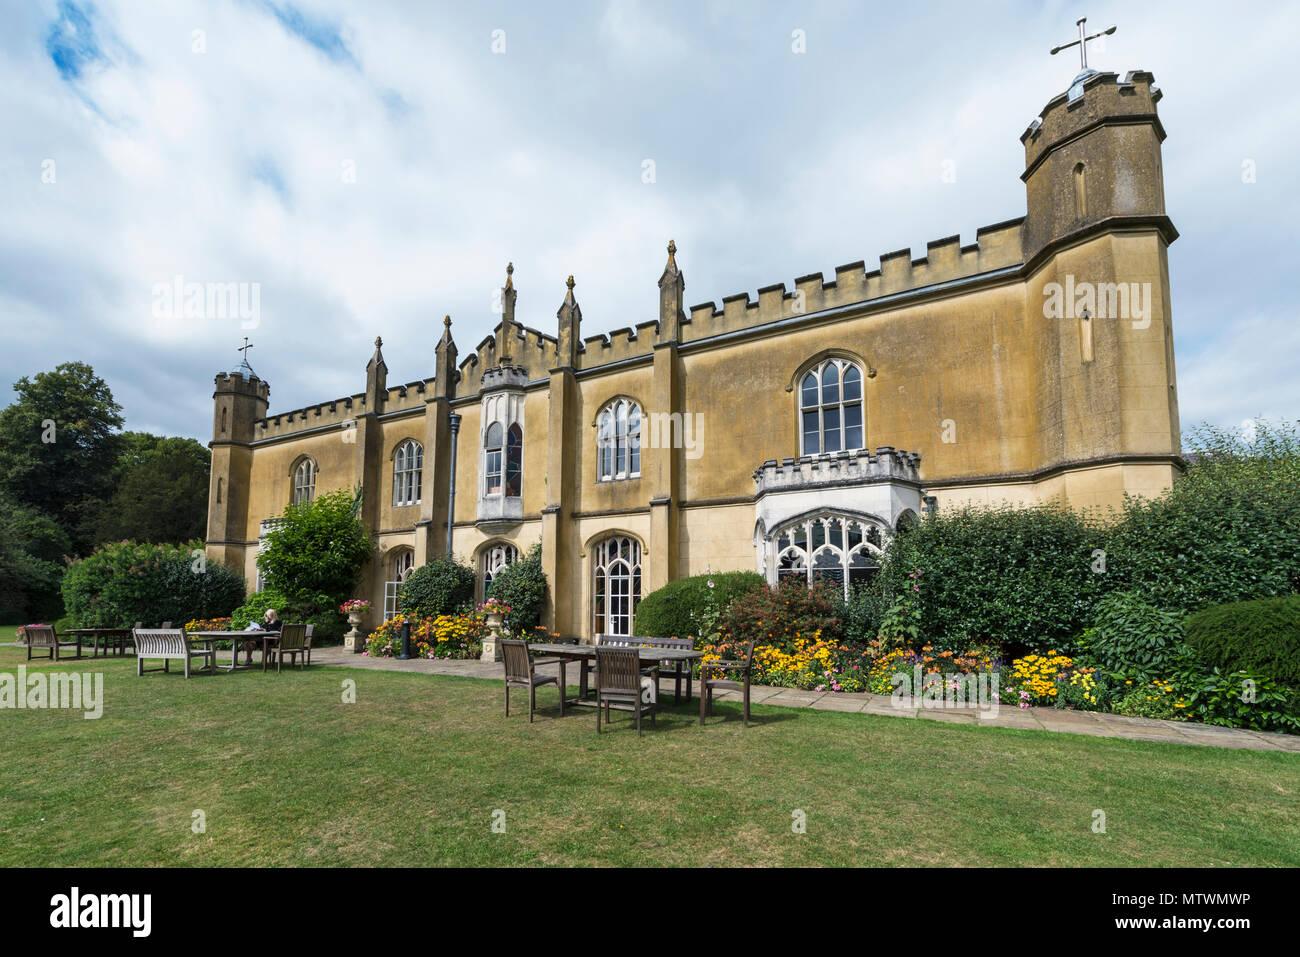 Great Missenden Abbey in Buckinghamshire - Stock Image